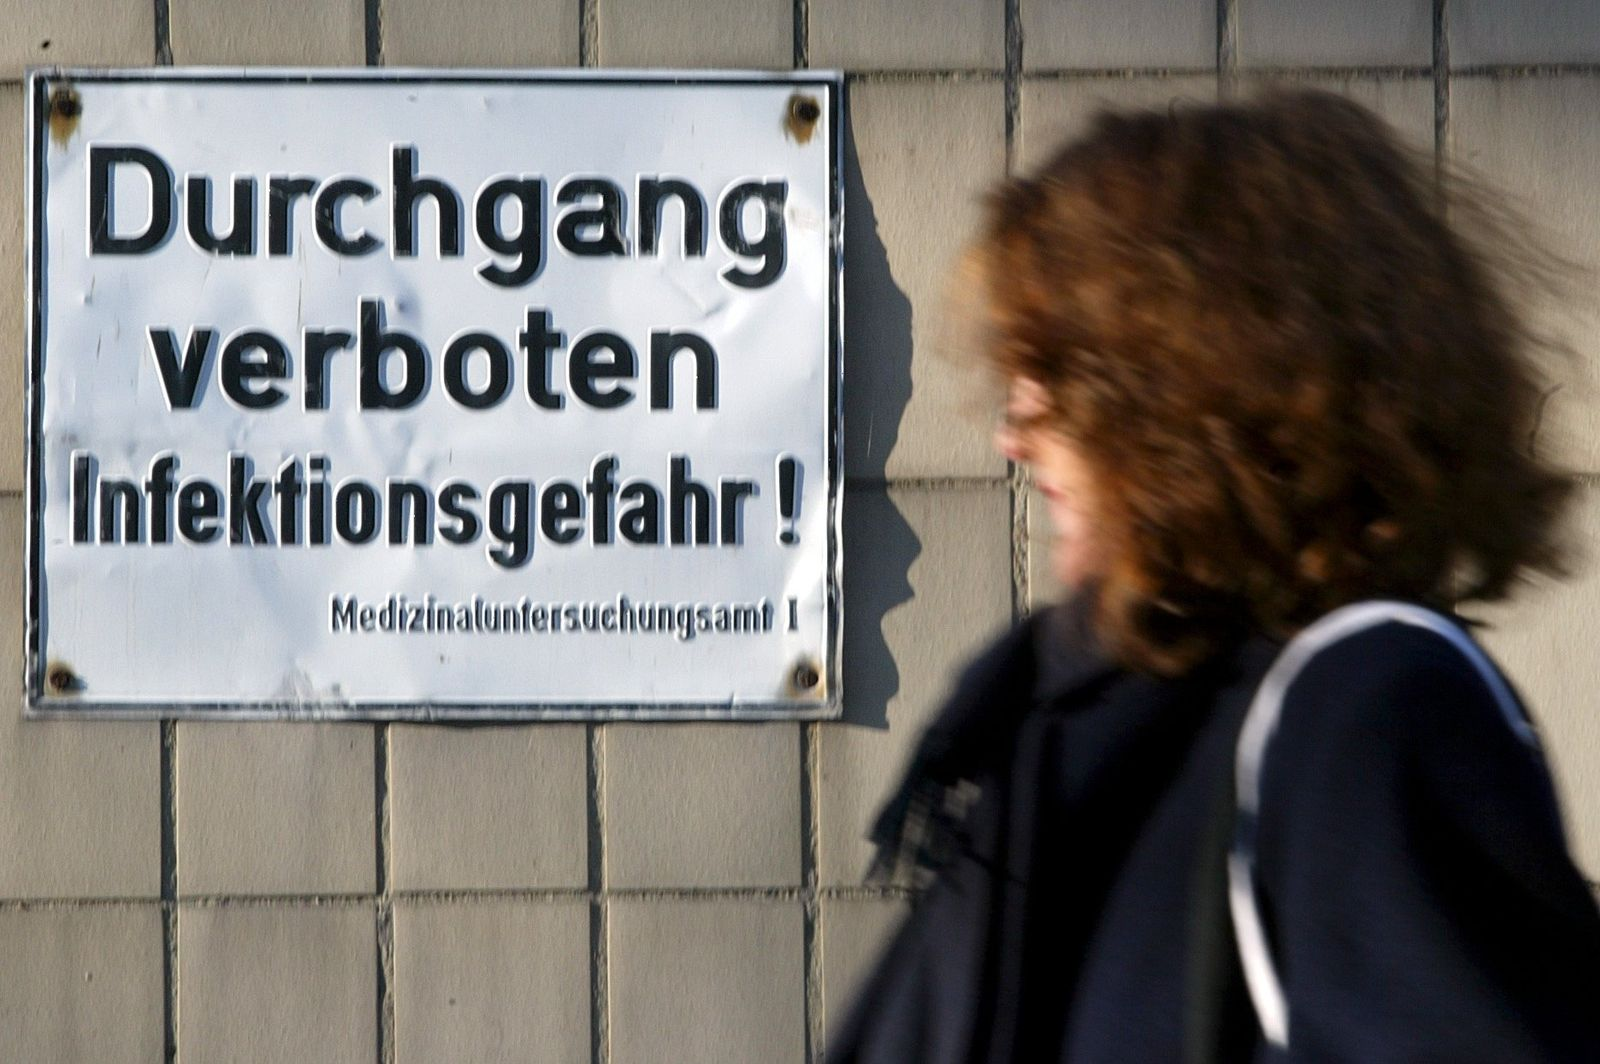 NICHT VERWENDEN Virchow Klinikum / Berlin